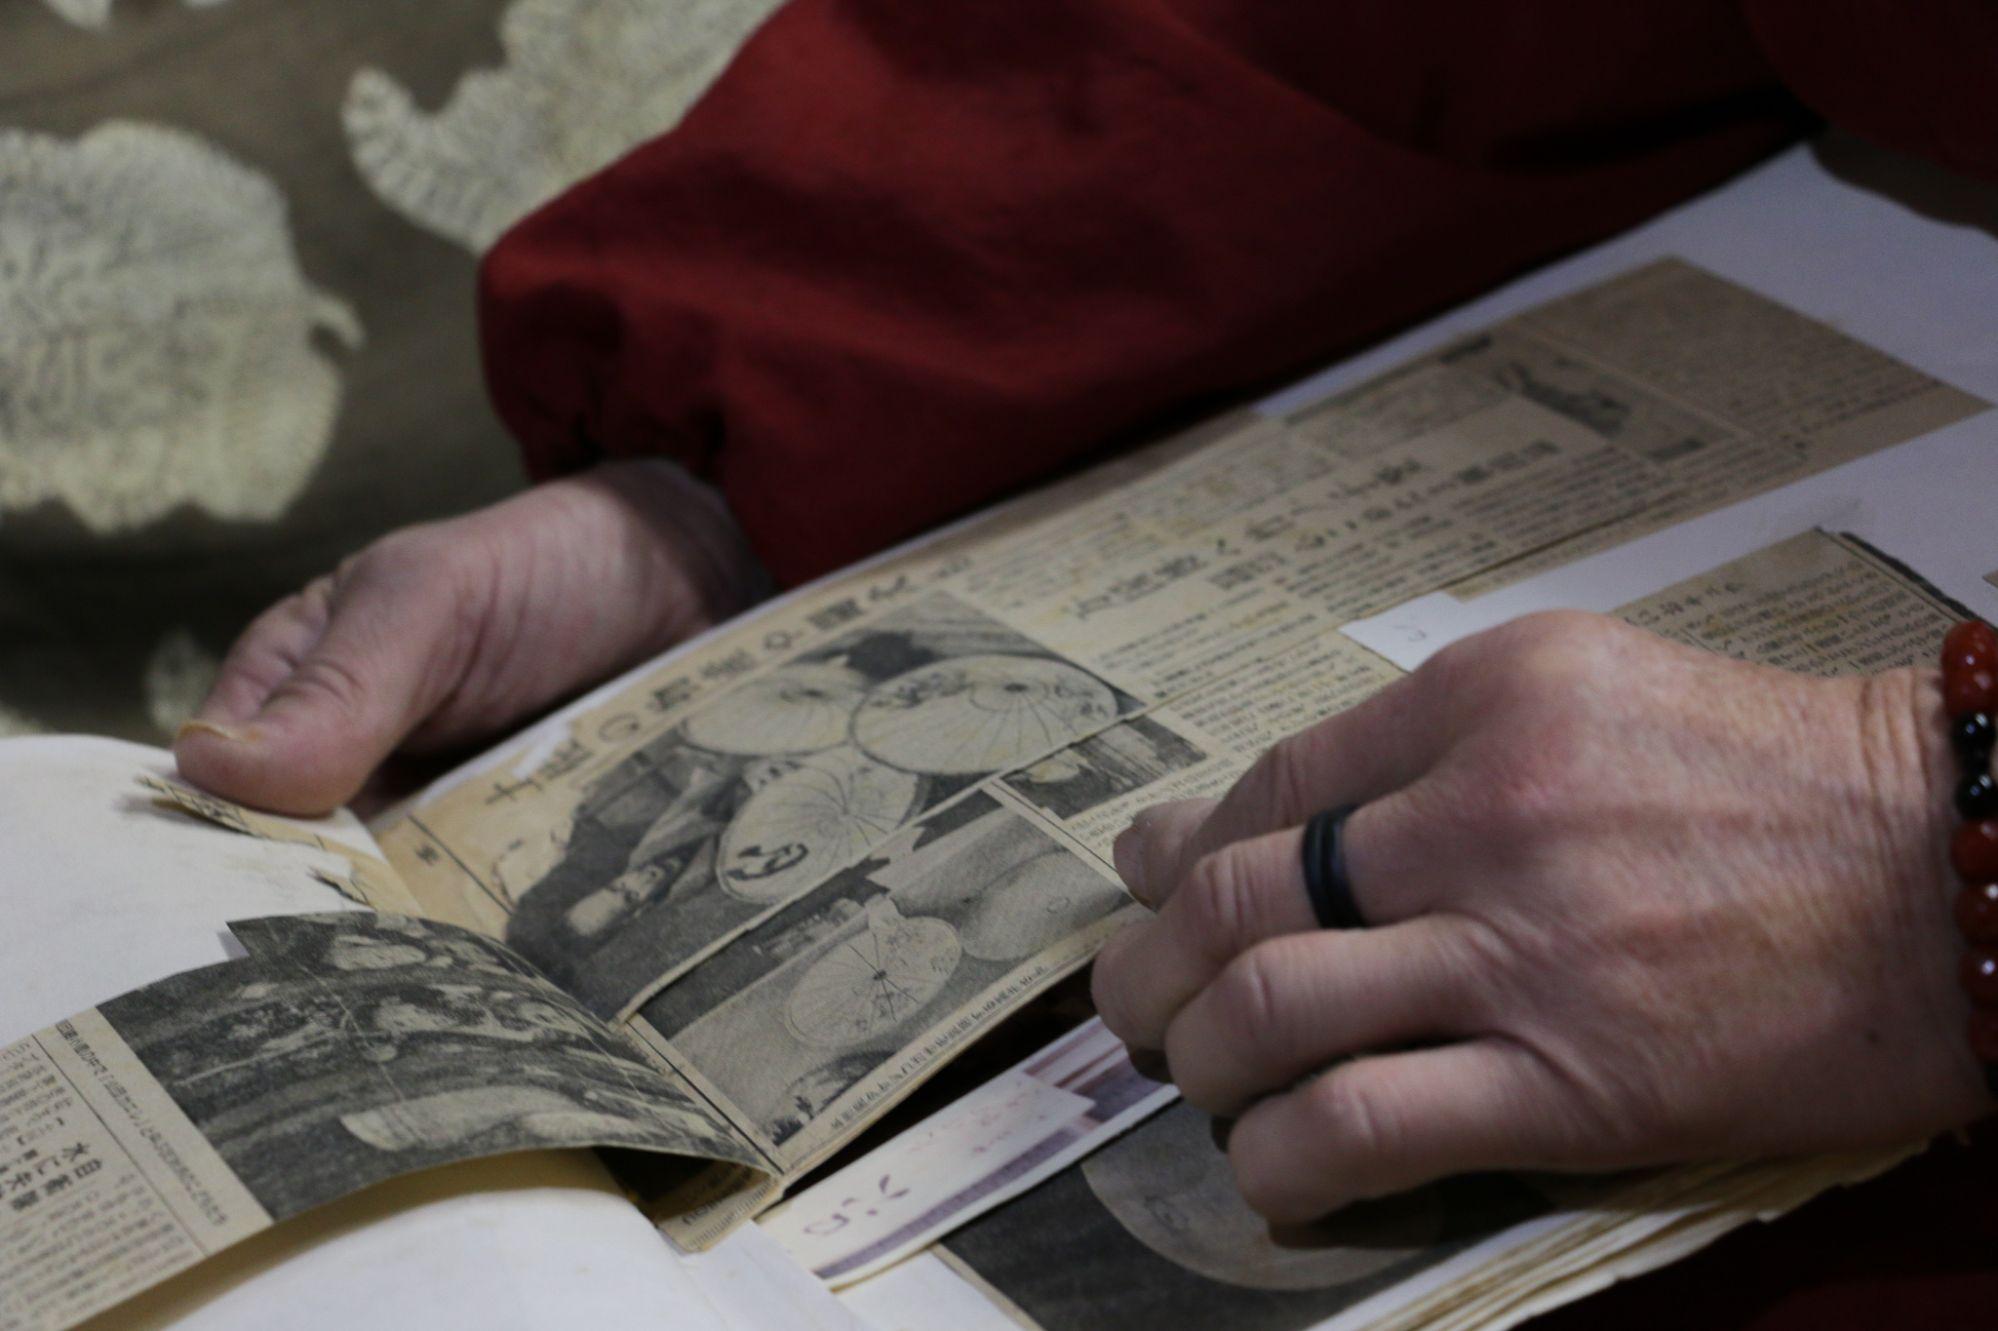 これまでの表彰された歴史や新聞記事、見学申し込みの手紙などが丁寧に保存されています